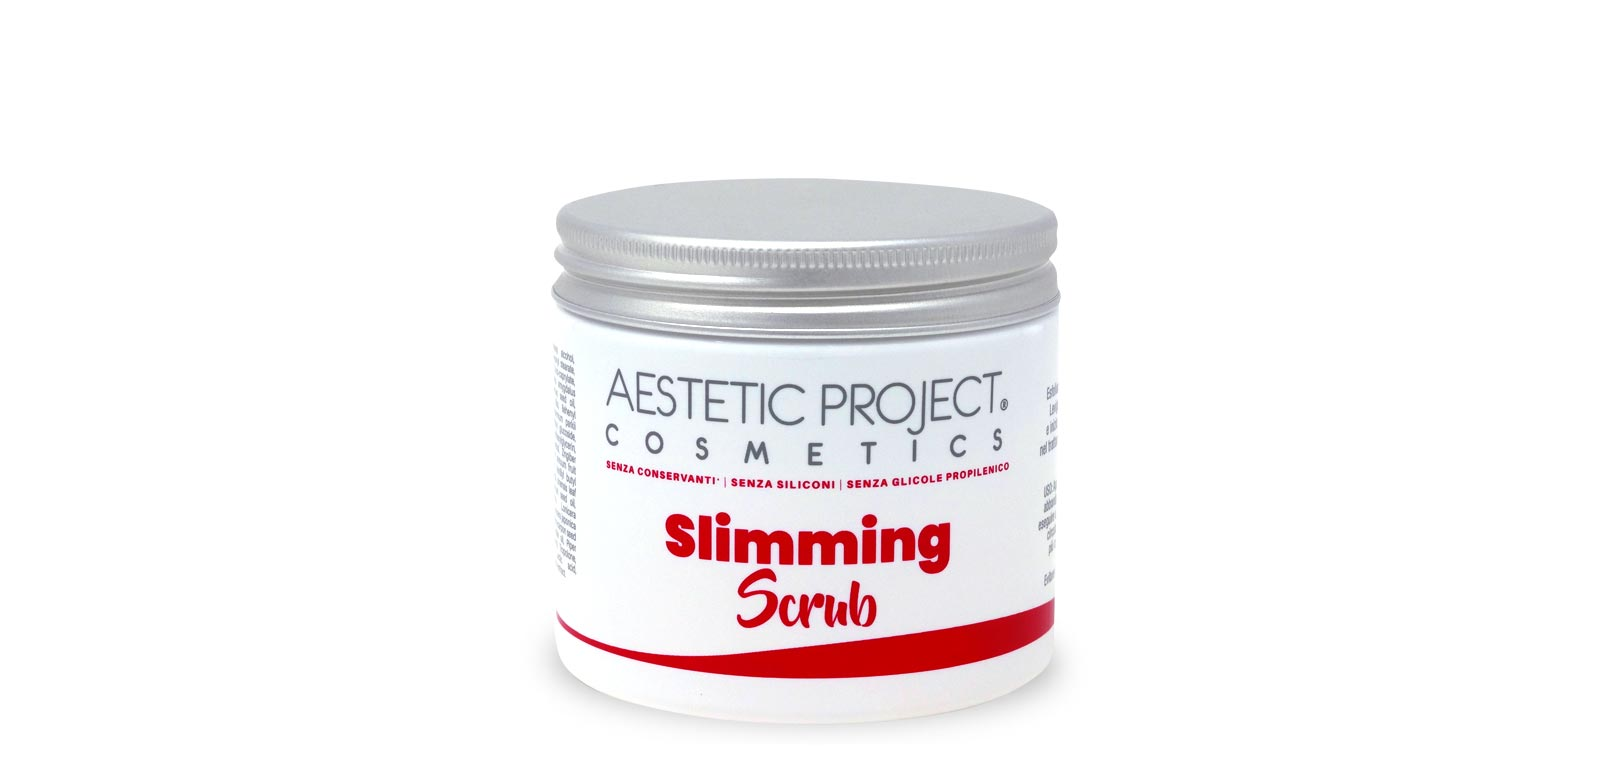 Slimming scrub Lato B Aestetic Project